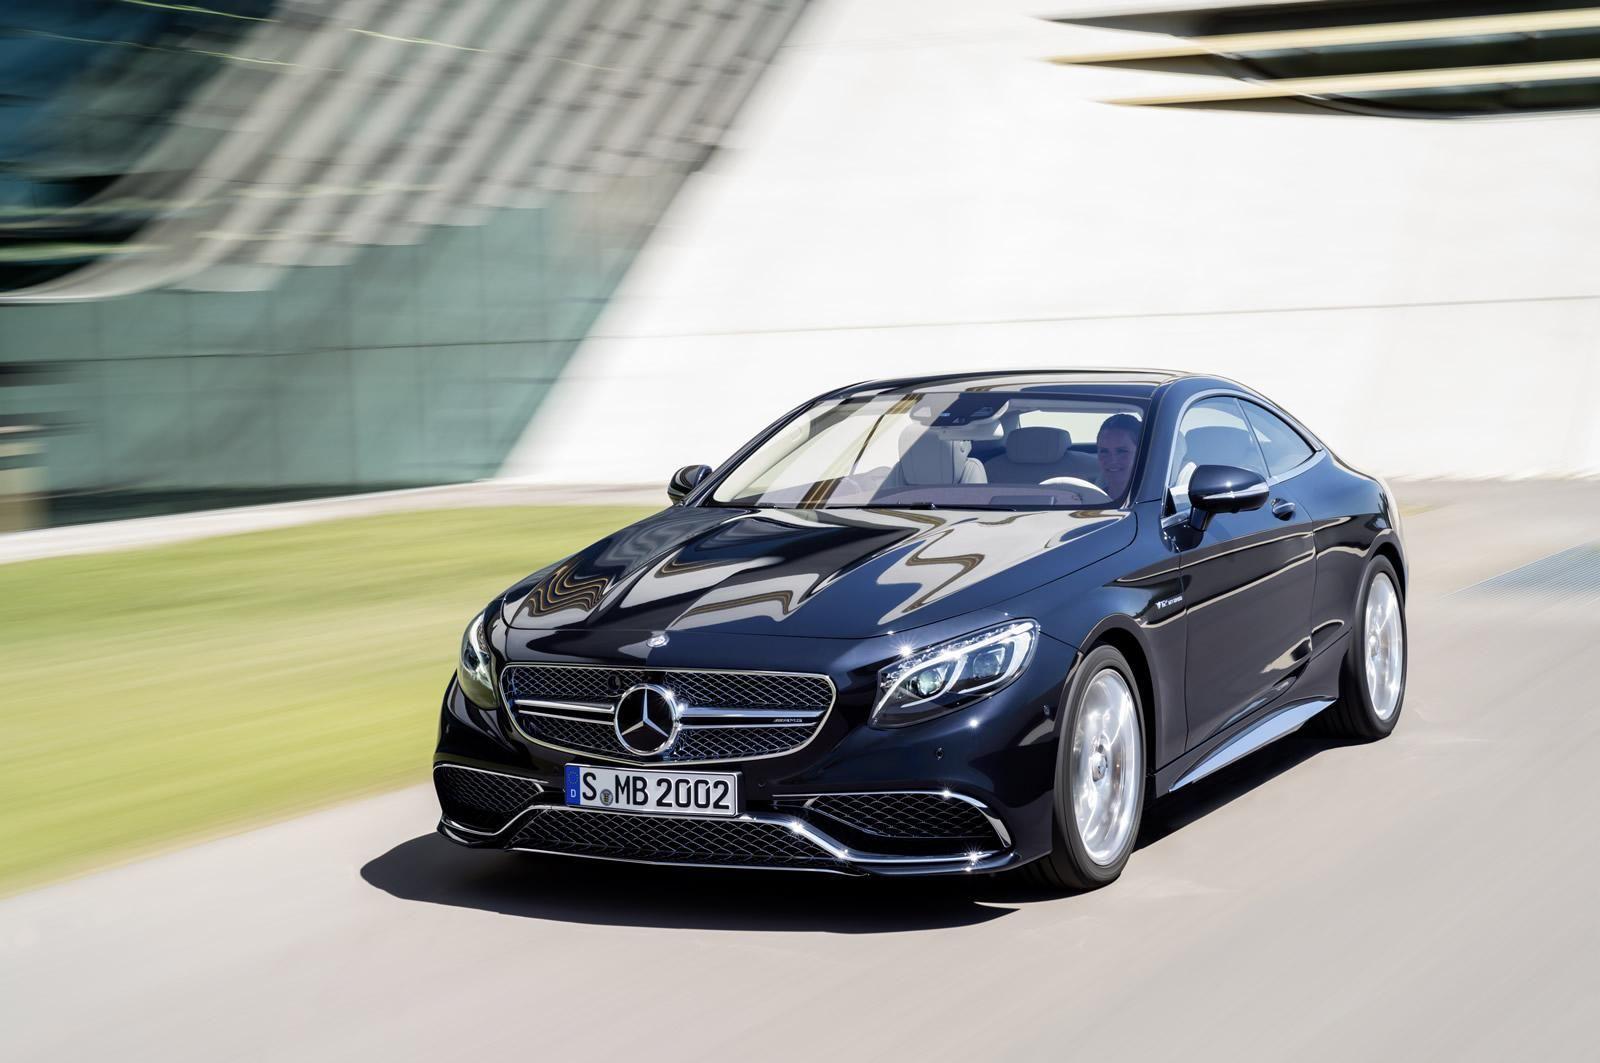 2016 s65 amg coupe satış fiyatı